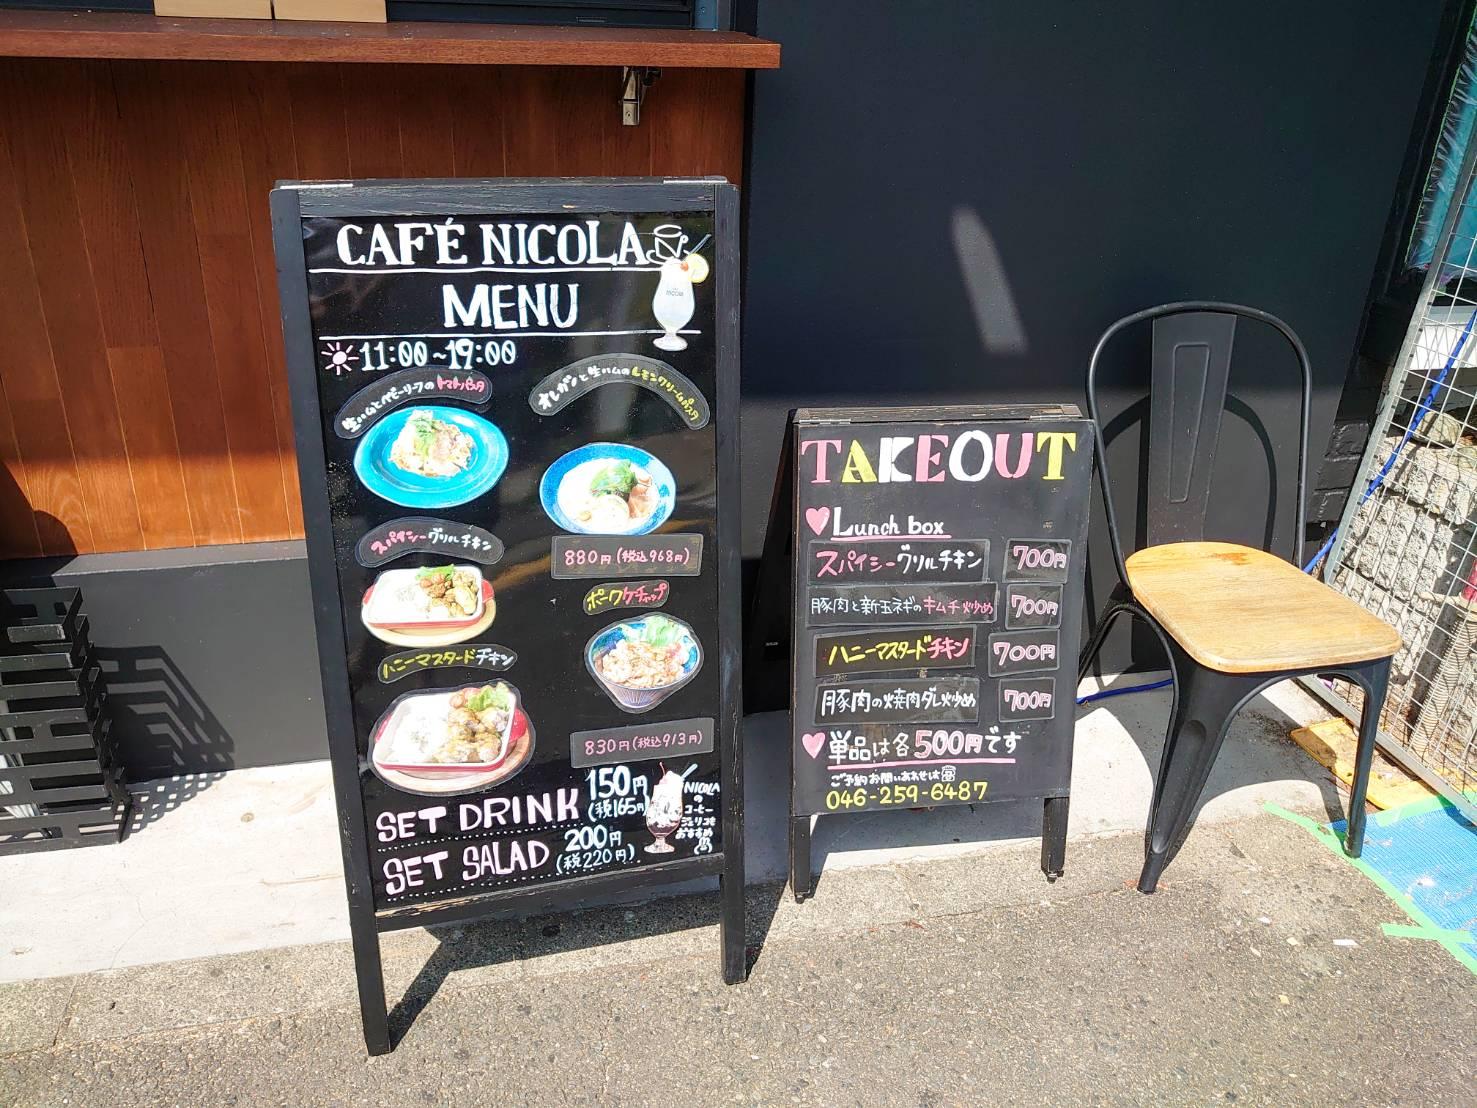 カフェニコラお店のメニュー看板